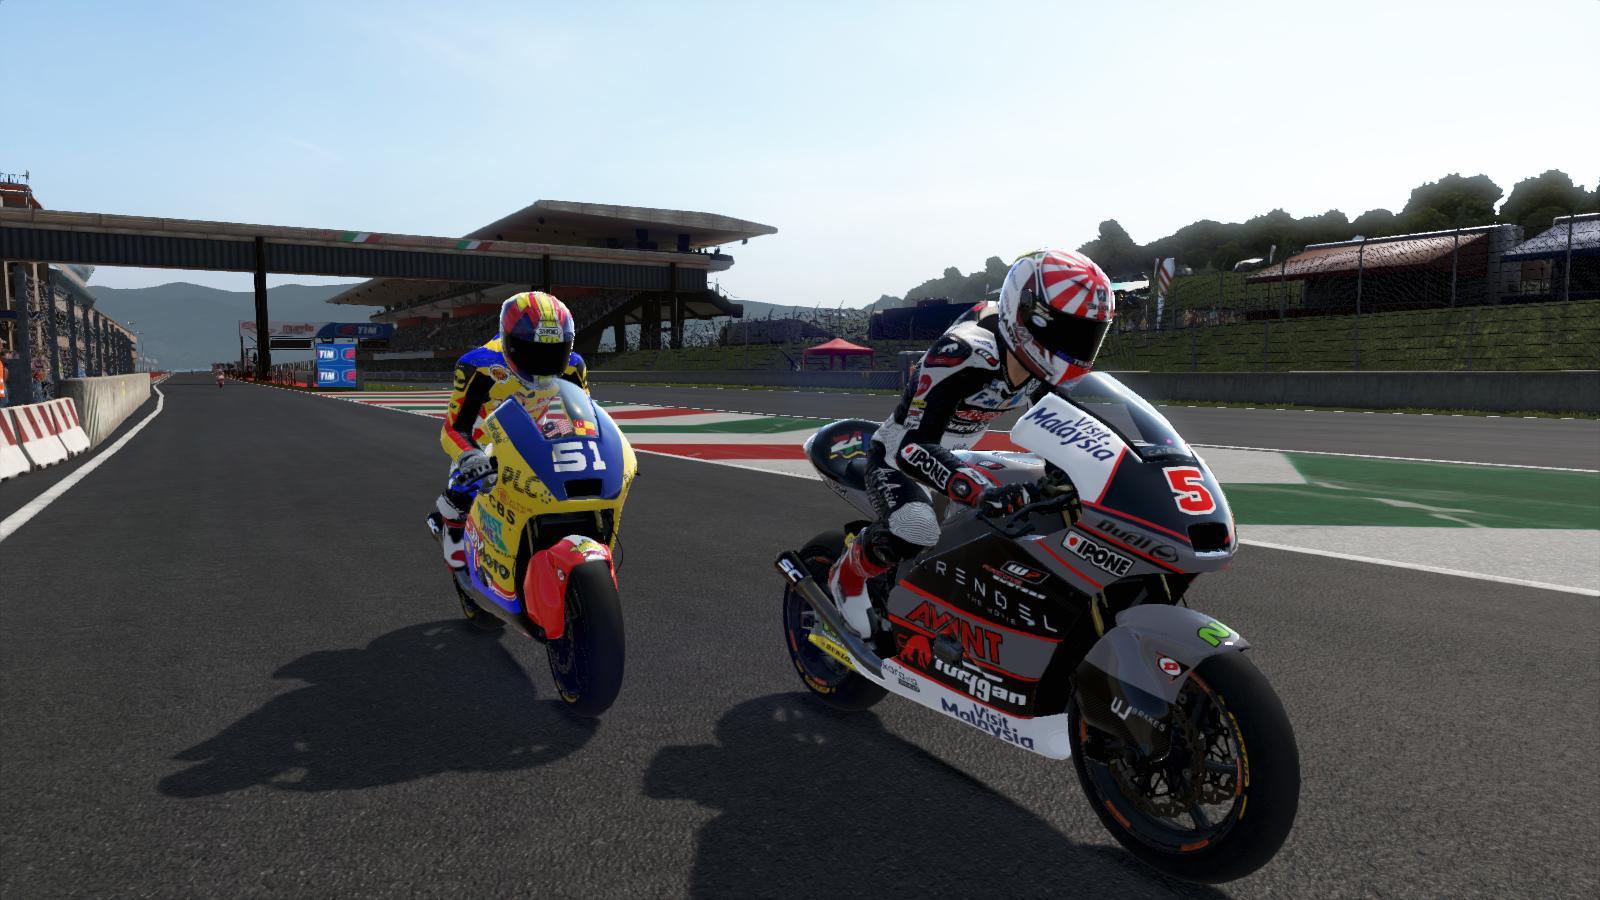 MotoGP14 2015-06-04 18-52-01-45.jpg